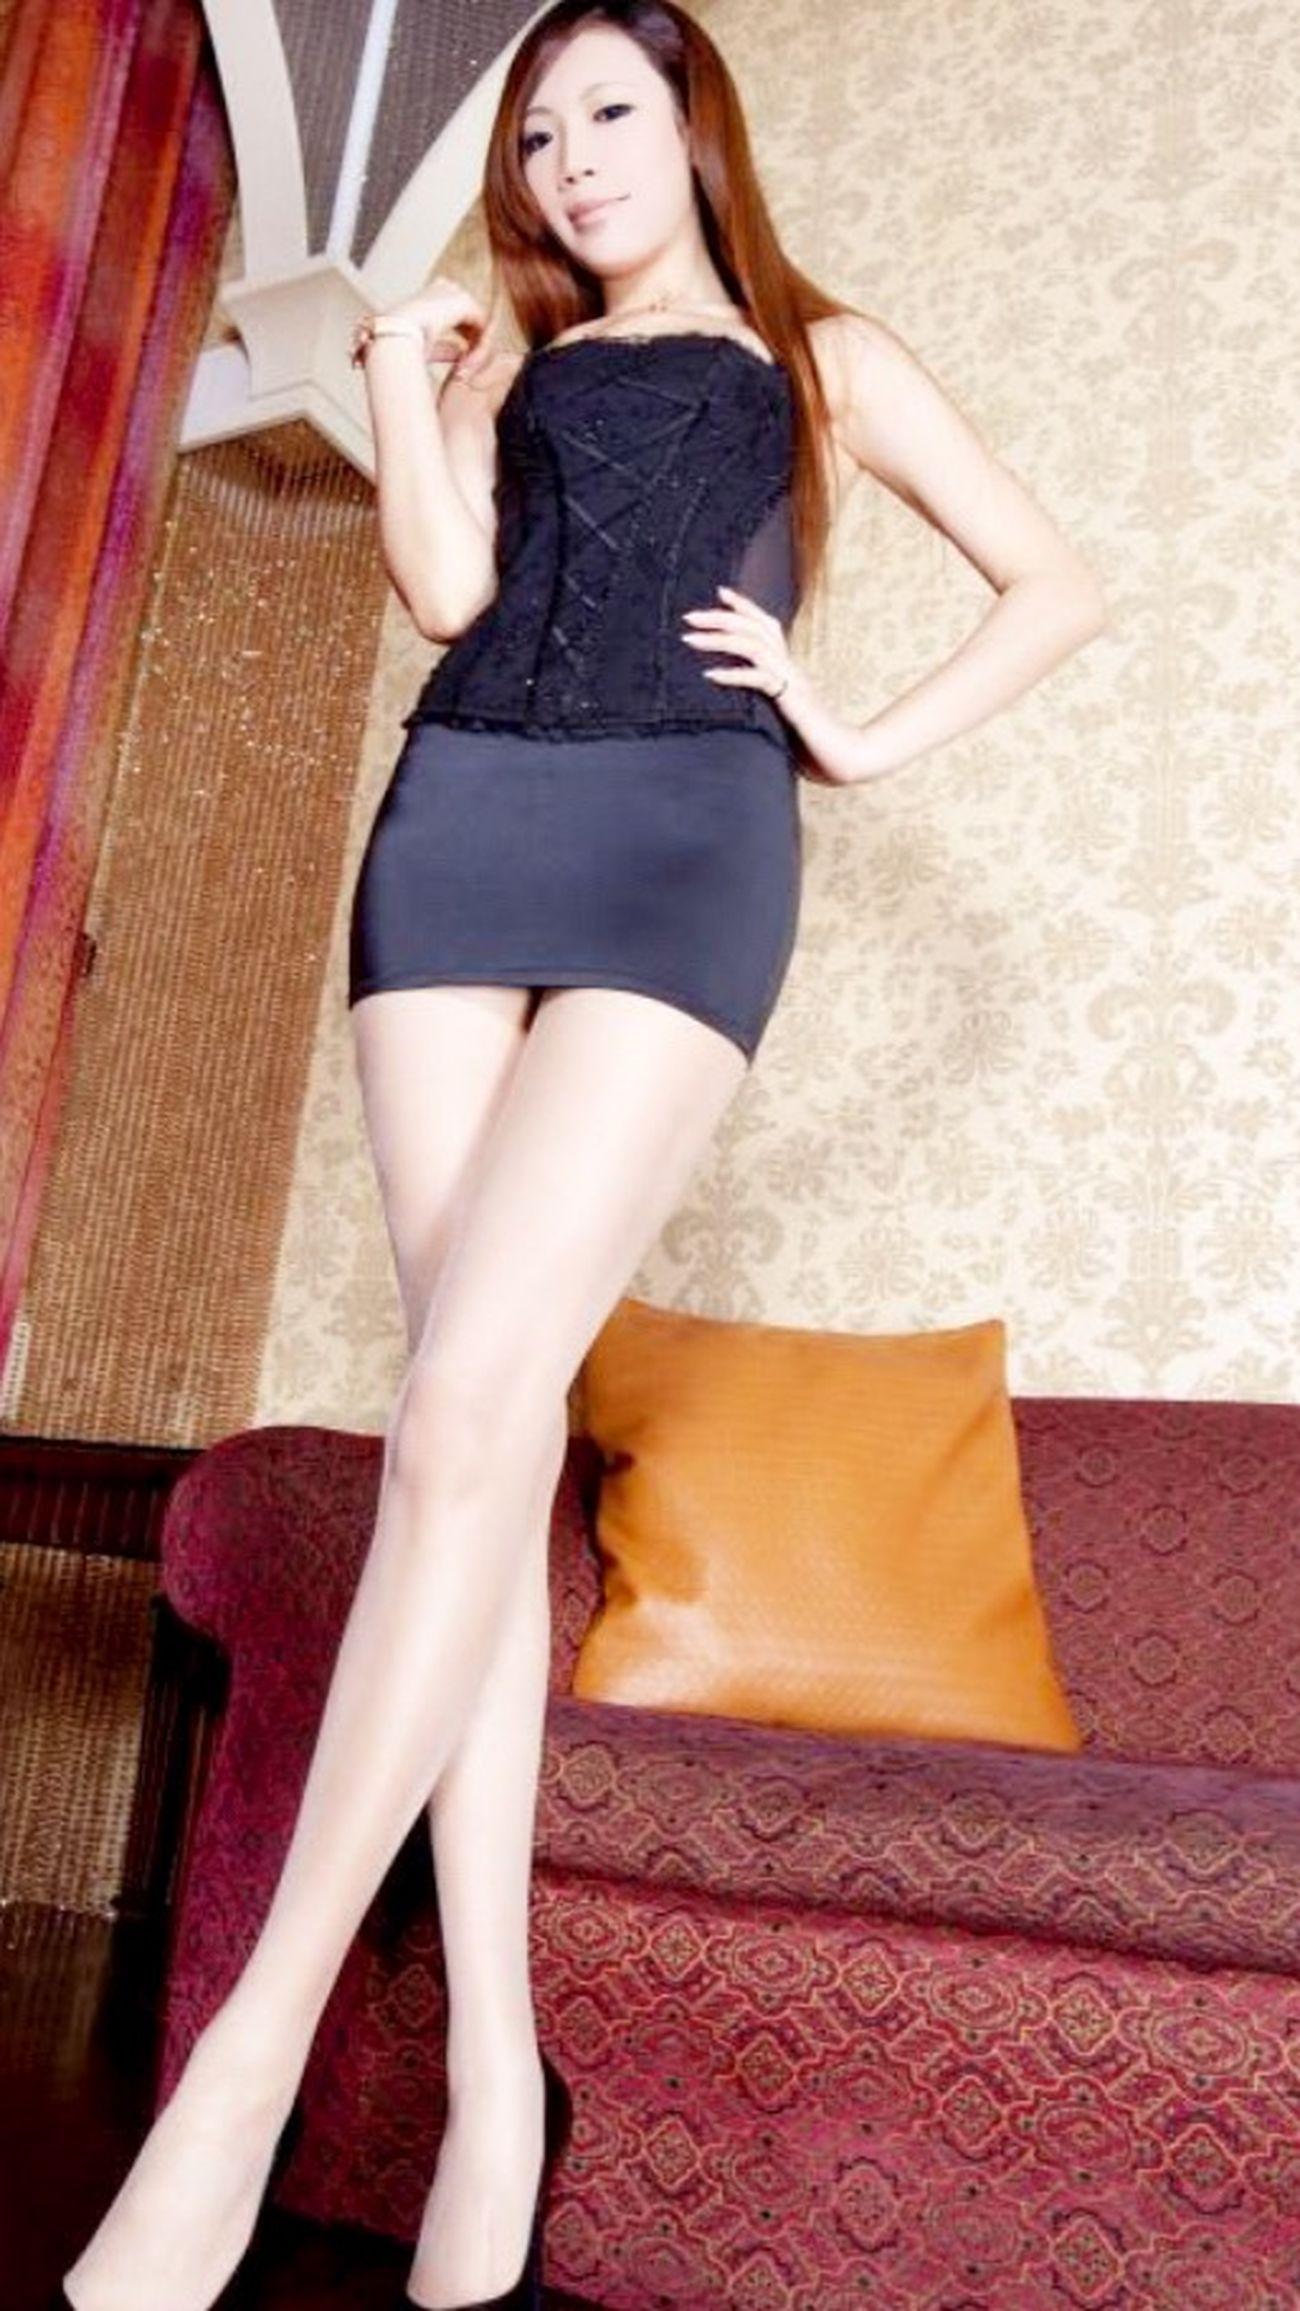 おはようございまーす セクシー お姉さん 春香 ミニスカ ミニスカート Japanese Girl Enjyoy Life Good Morning